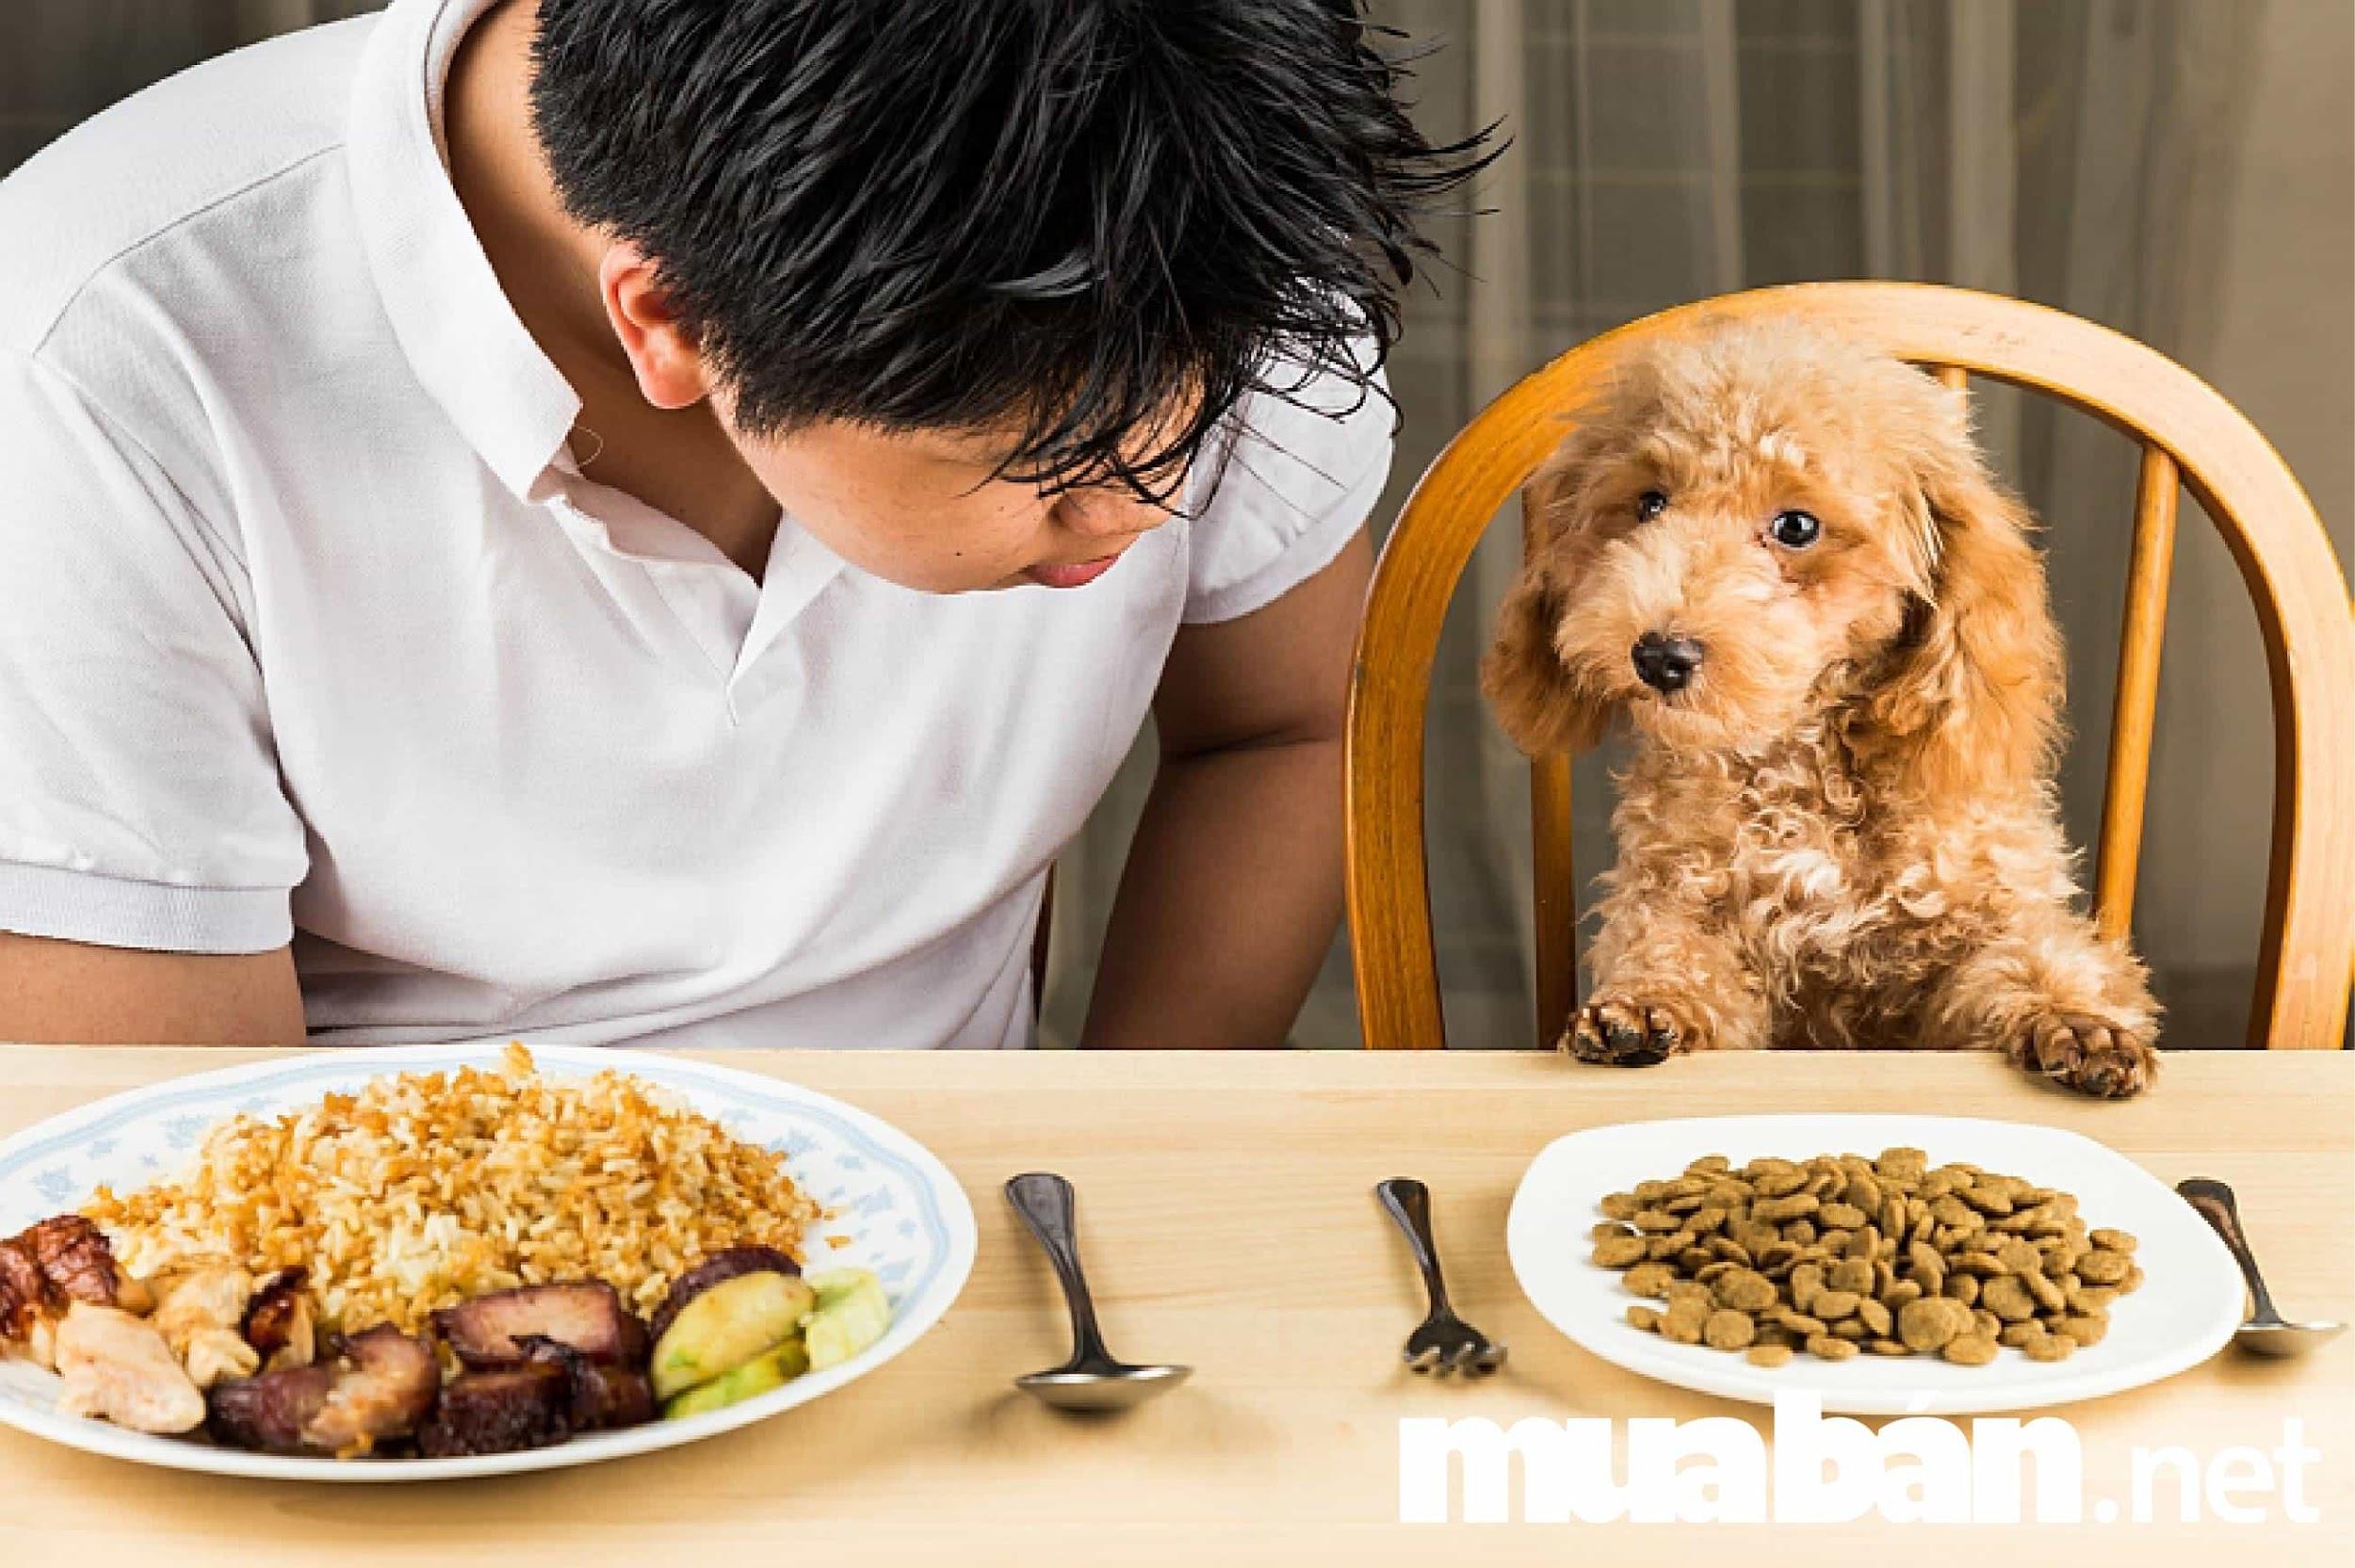 Lượng thức ăn huấn luyện chó biếng ăn